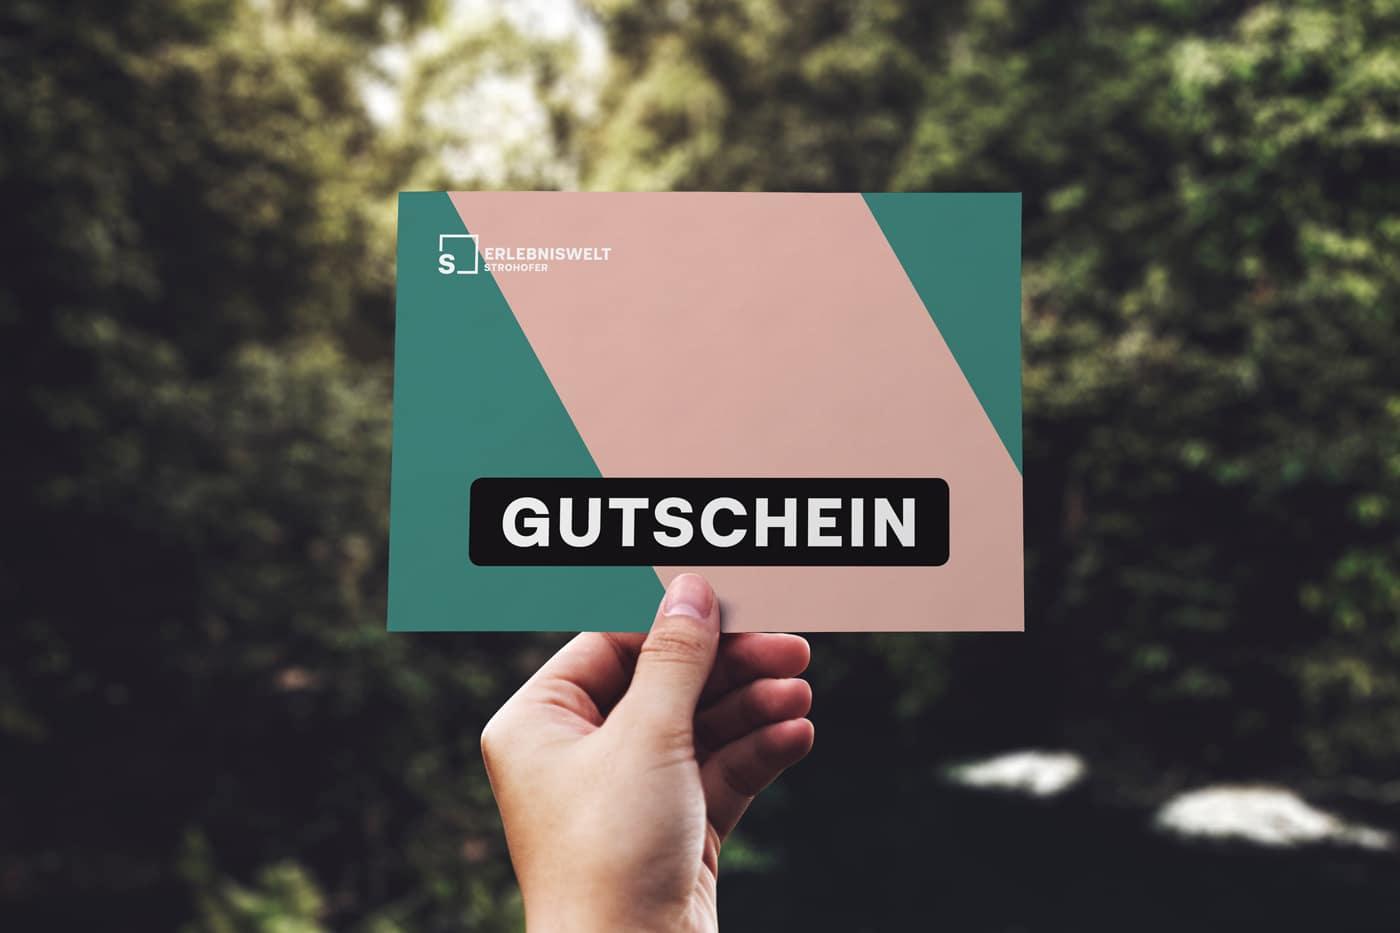 Erlebniswelt Strohofer Gutschein Design